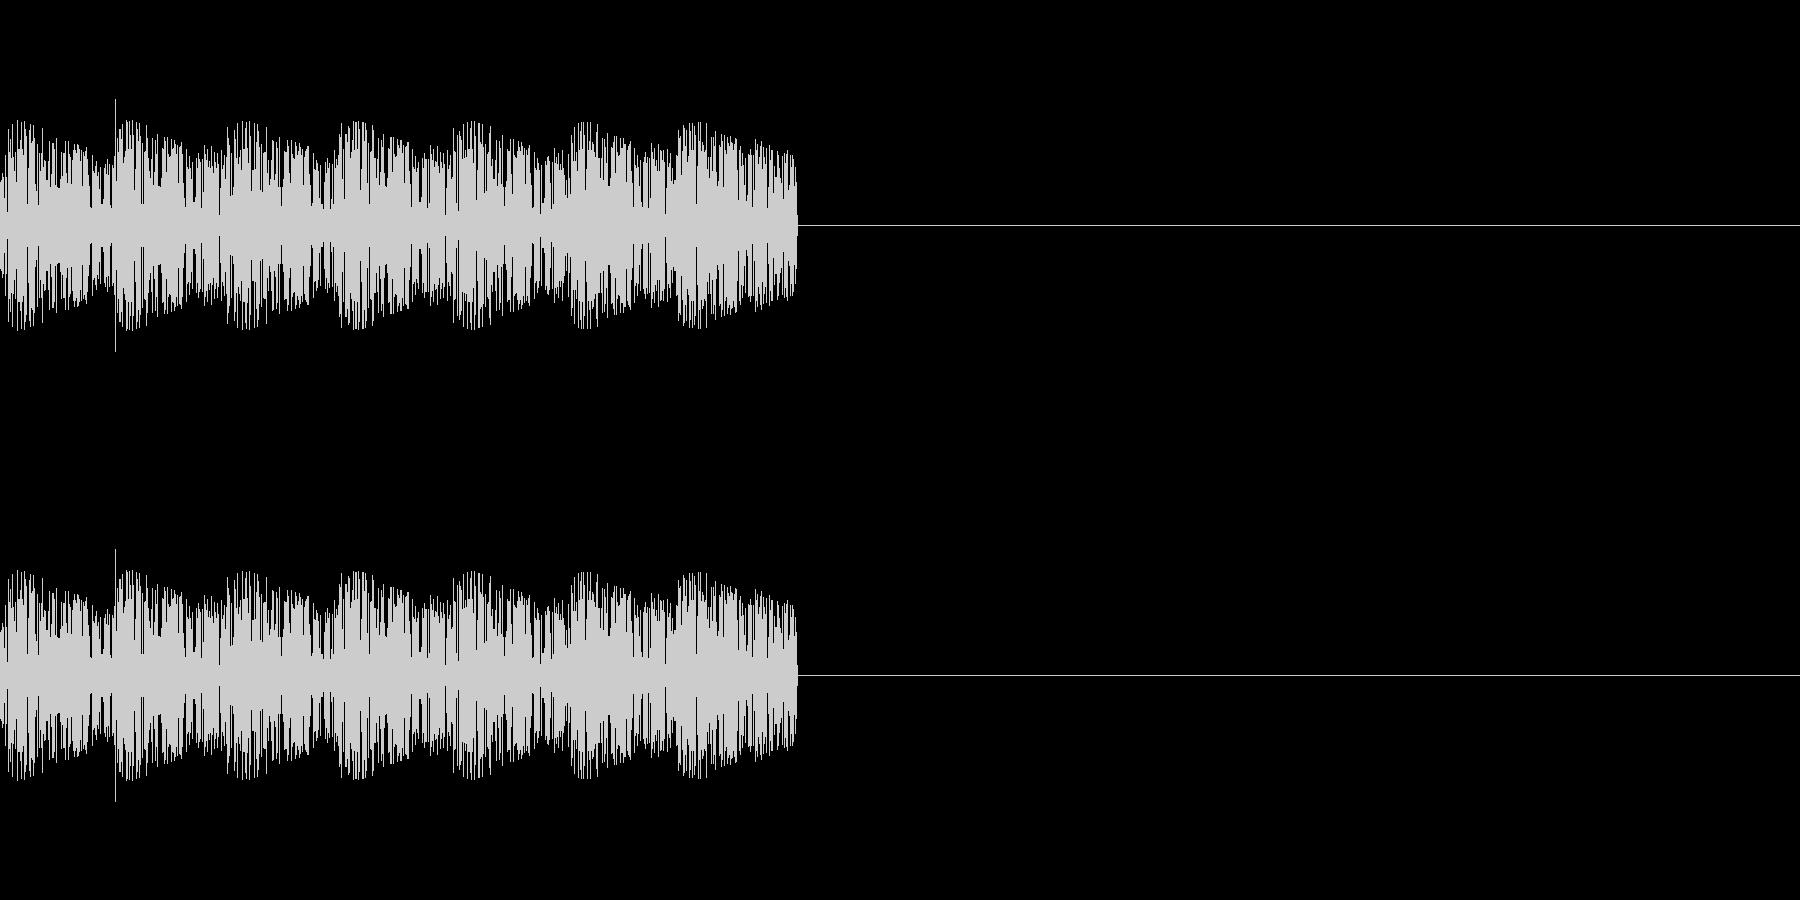 「ピロリロリロ」レトロゲーム風魔法の未再生の波形